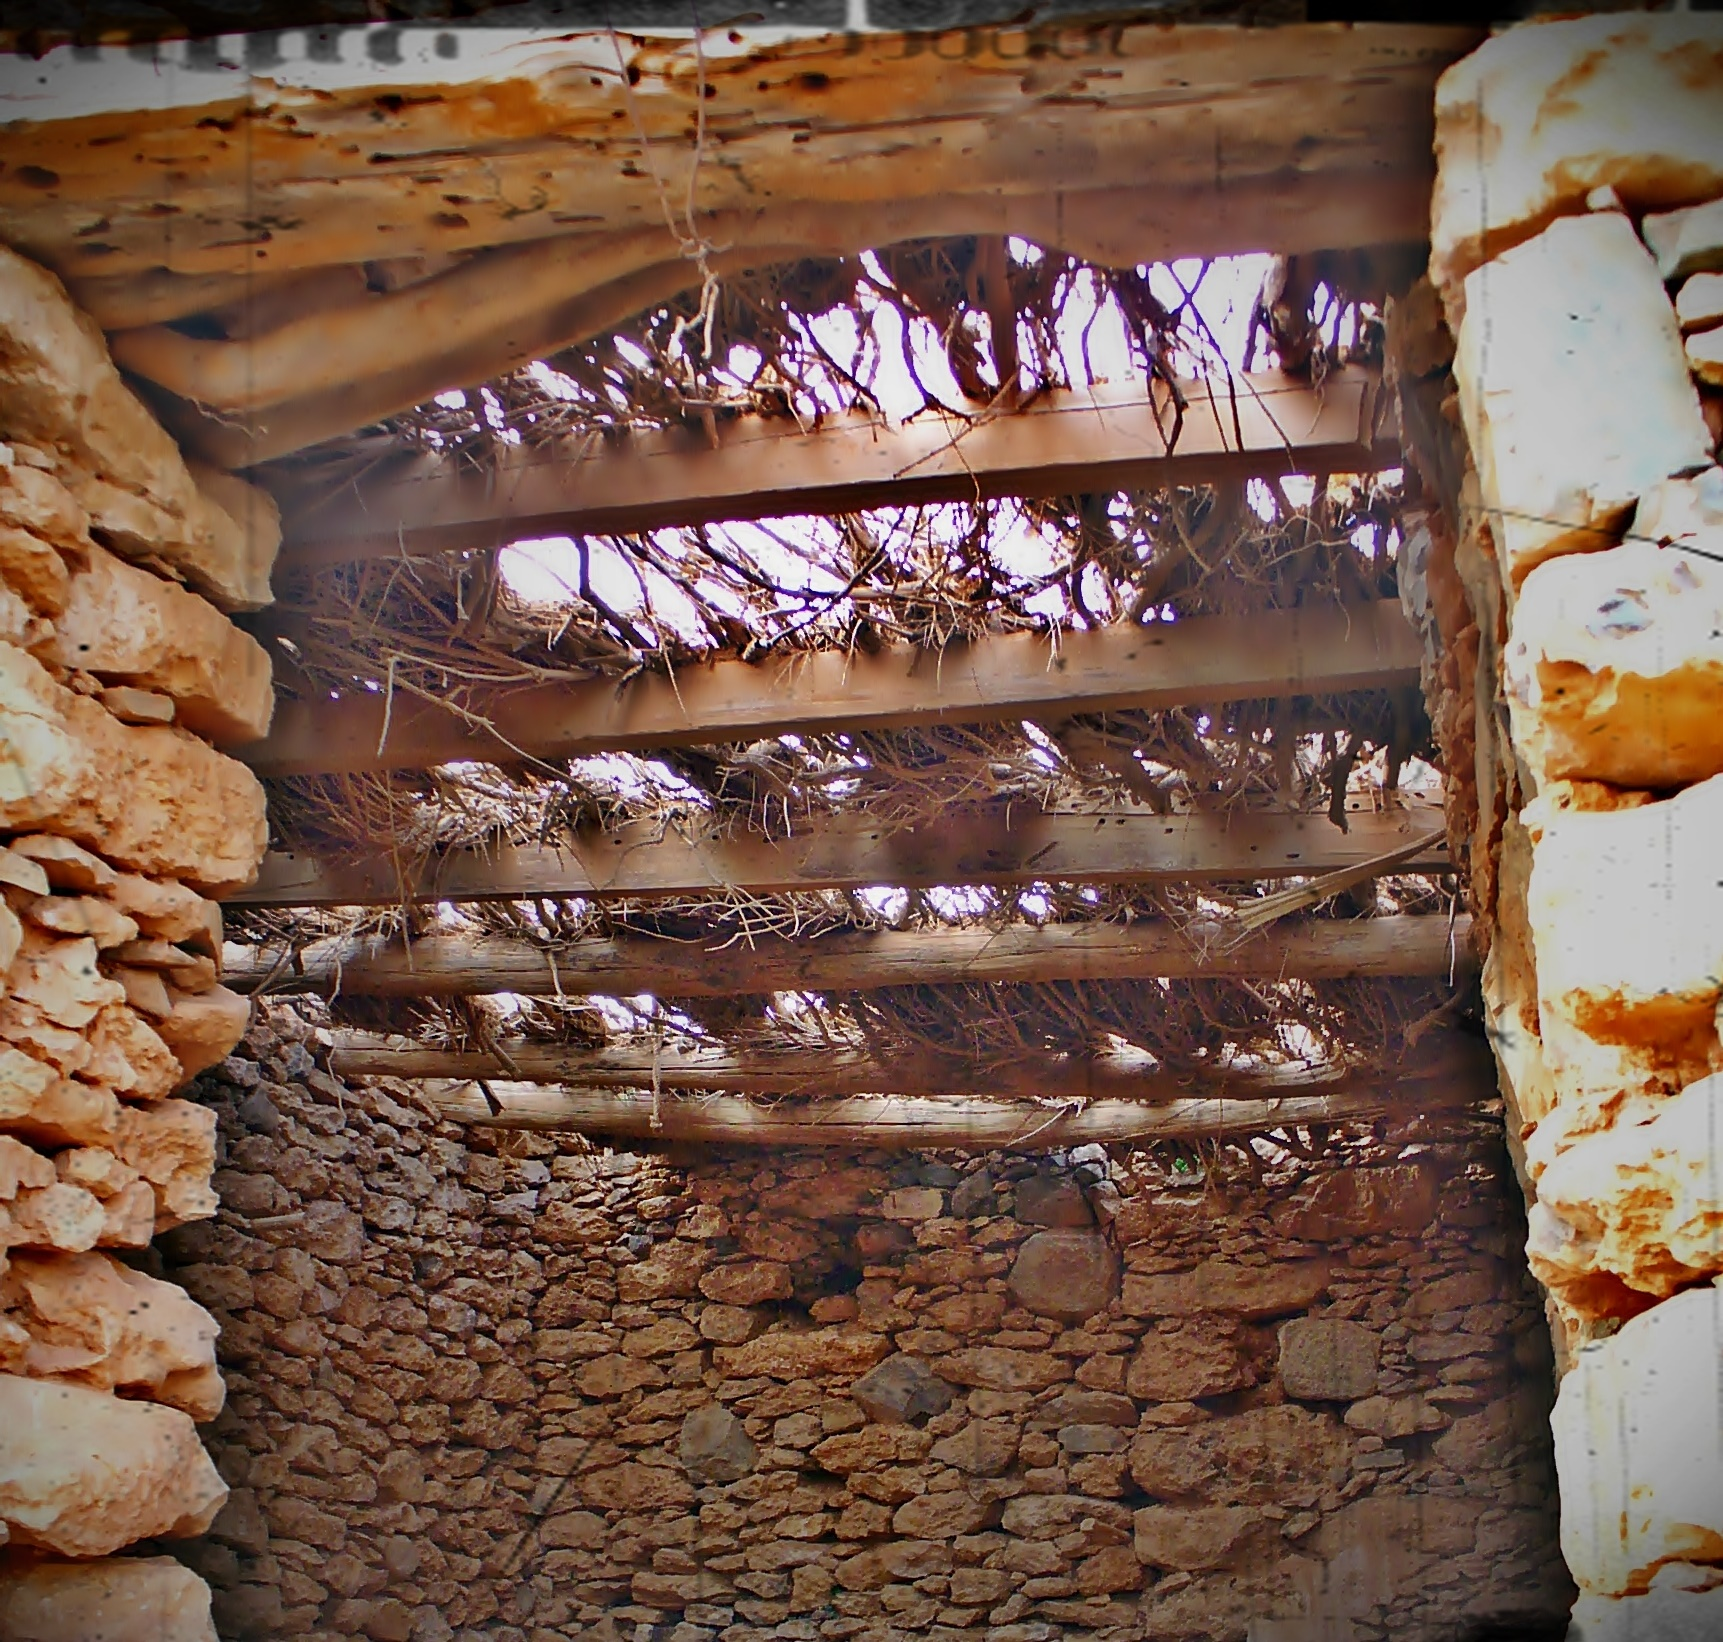 Dintel y vigas de madera de techumbre en uinas, Tuineje